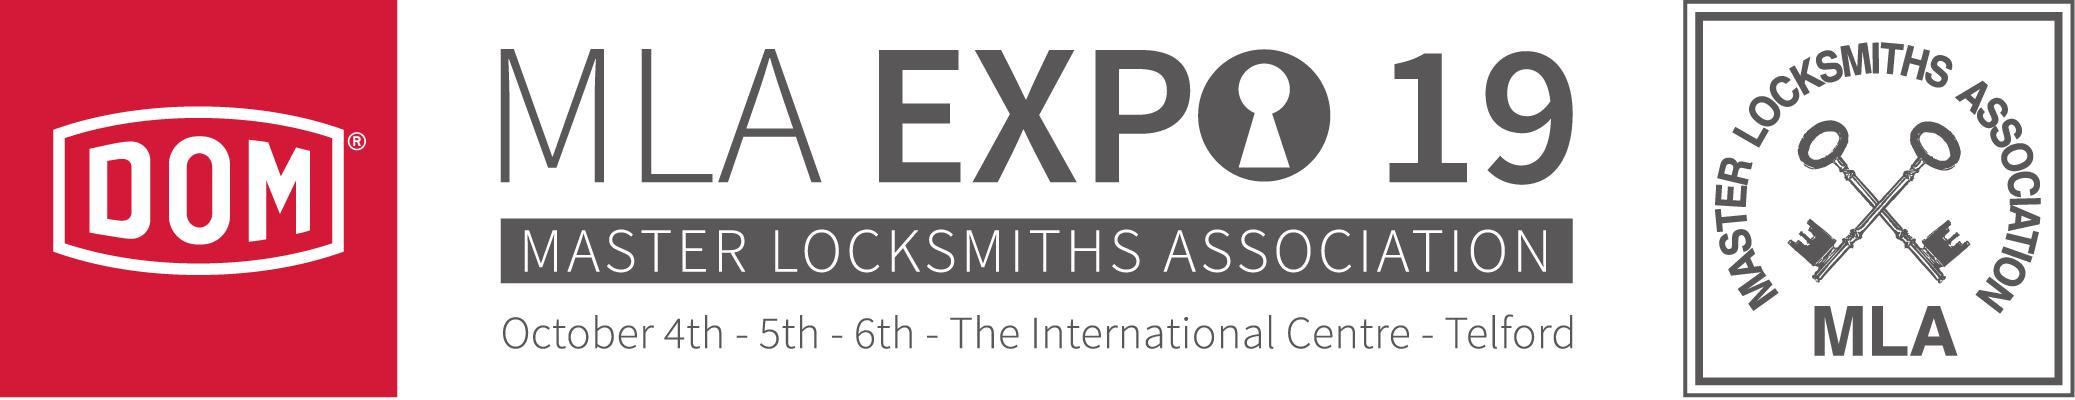 Invitation for MLA Expo 2019